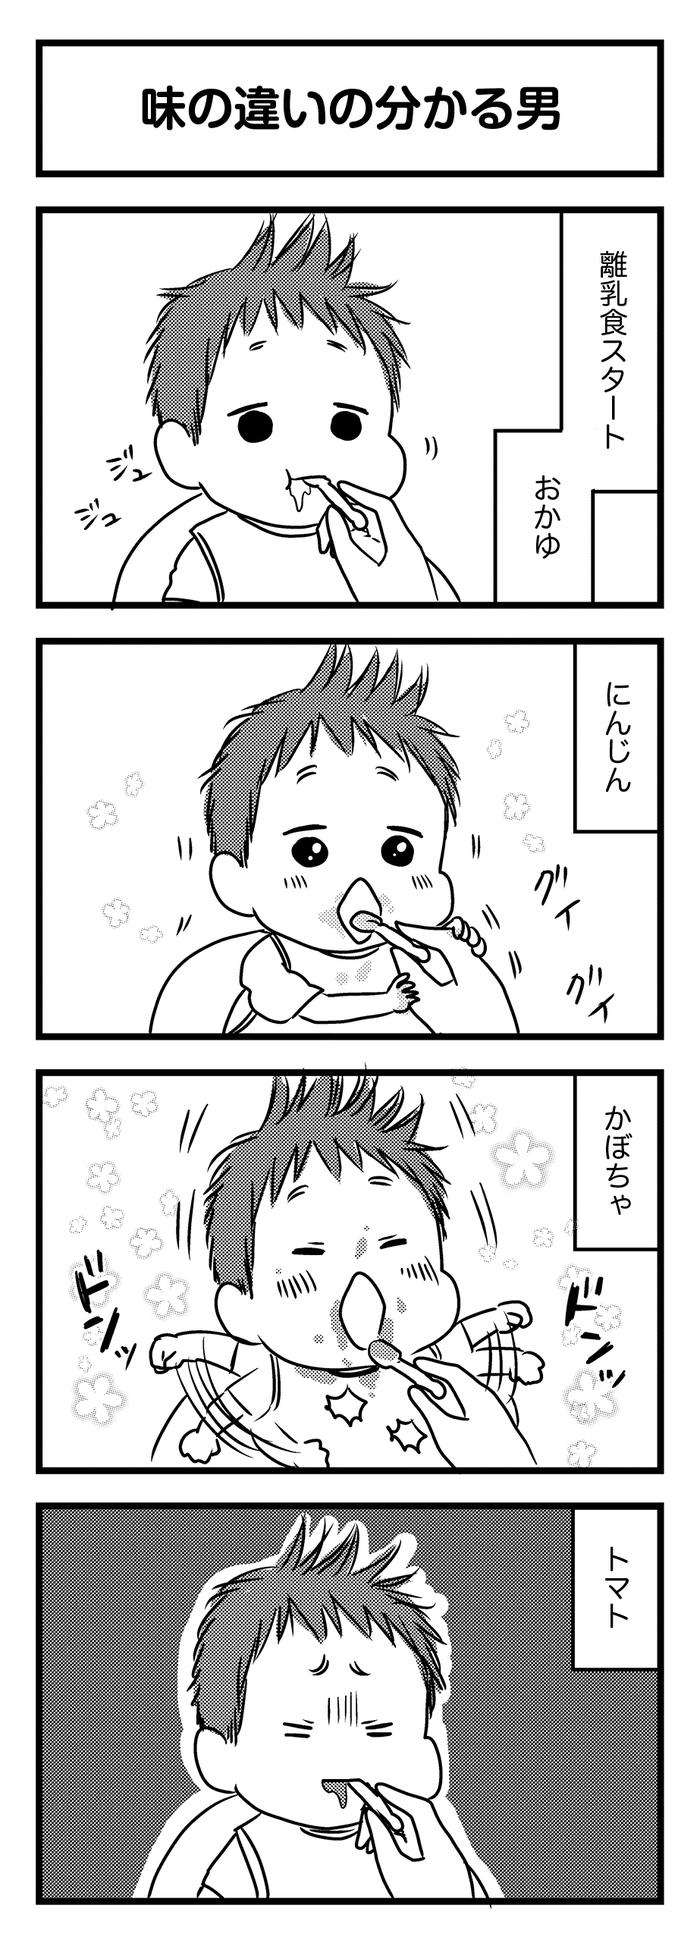 癒しの1歳ごっこ遊びなのに、不穏な「事件」がおきがち問題(笑)の画像5